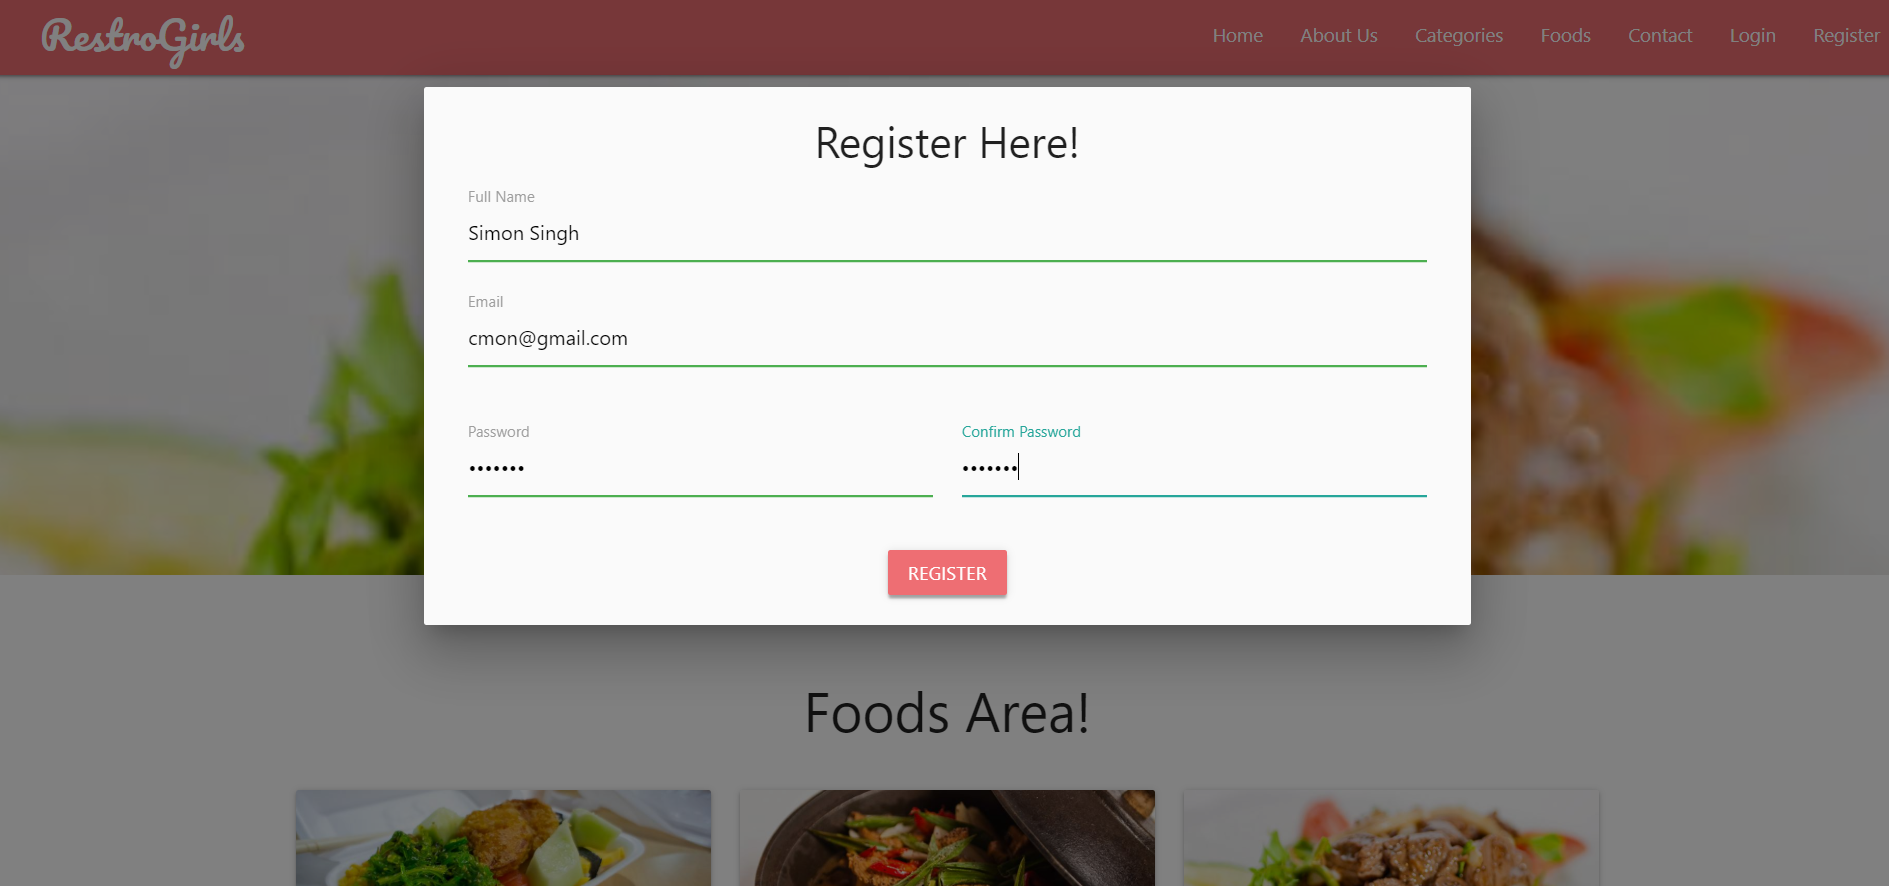 image of online restaurant management system